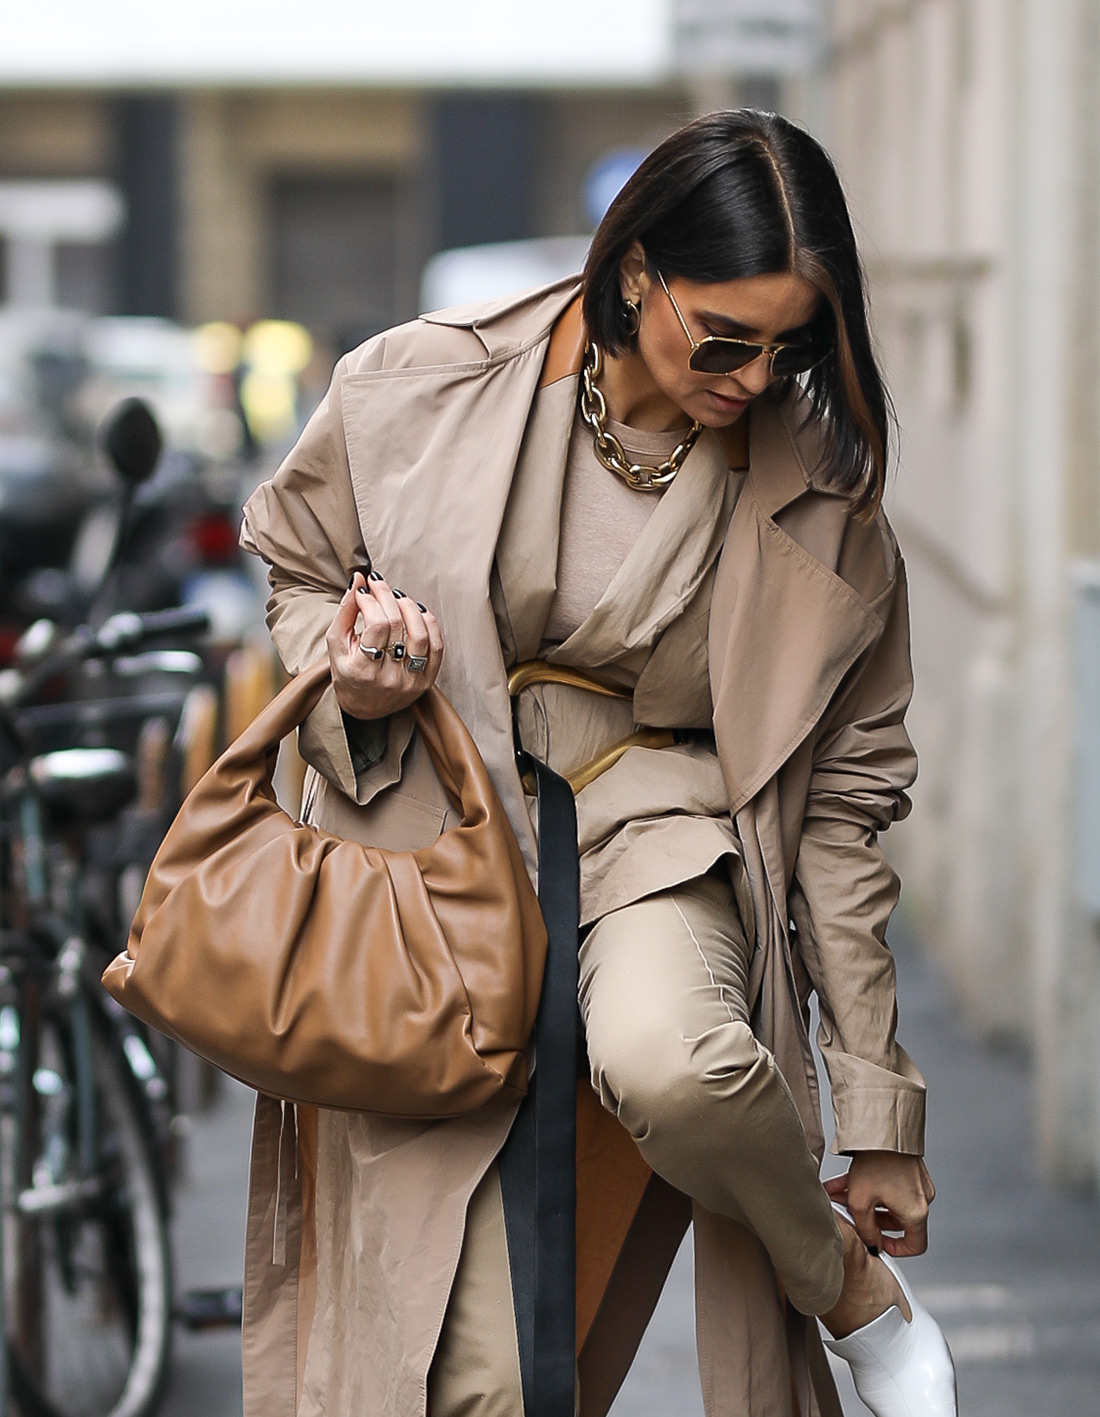 popularne zara torbice moda jesen torbica za mobitele shell bag zgužvane torbice s naglašenim lancem milano street style foto ana josipović